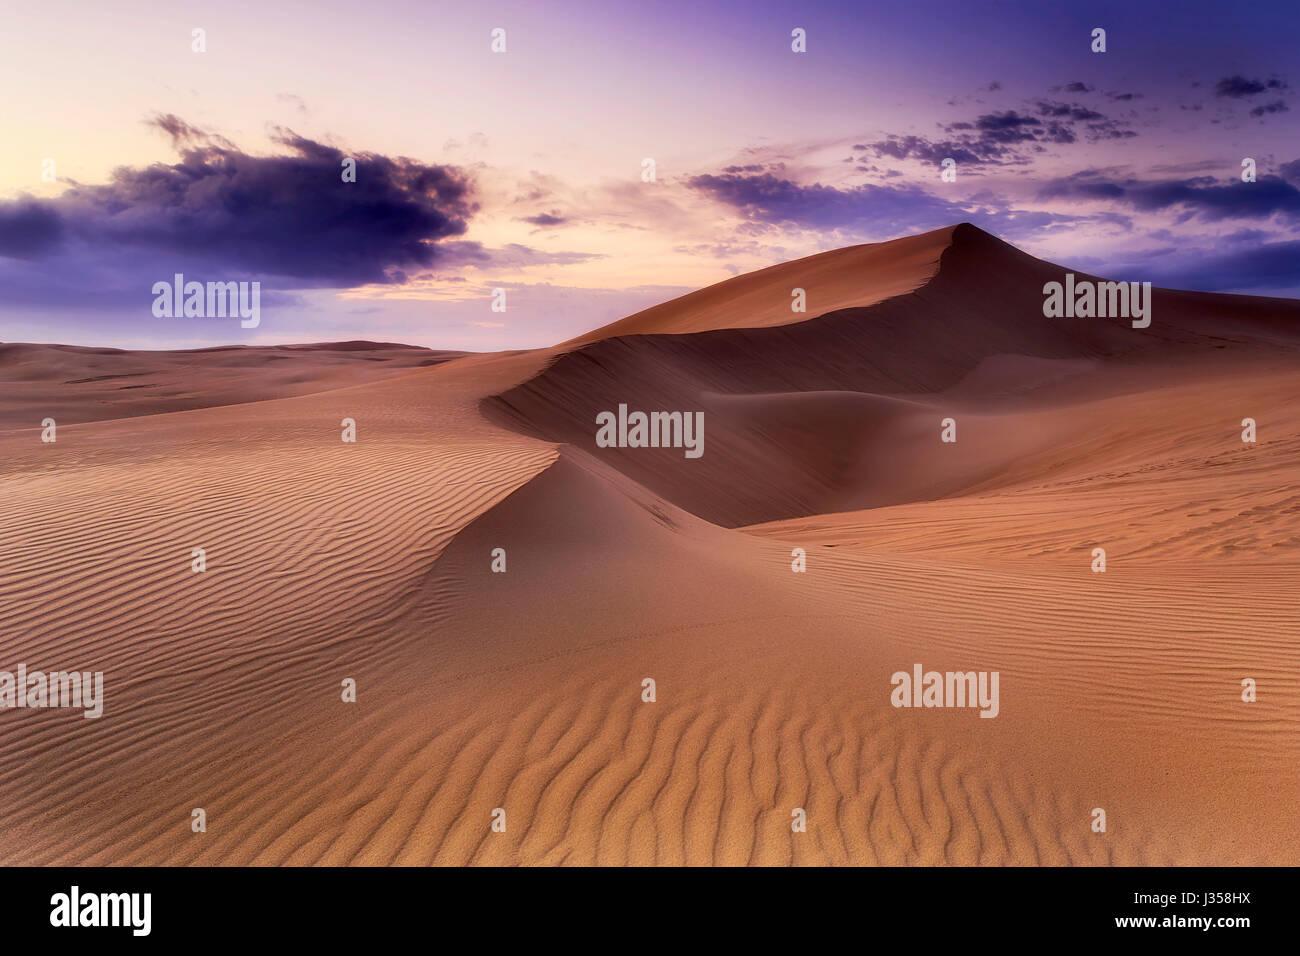 Désert de sable sans vie avec chaîne de dunes au lever du soleil. Stockton Beach dunes de sable dans le Photo Stock